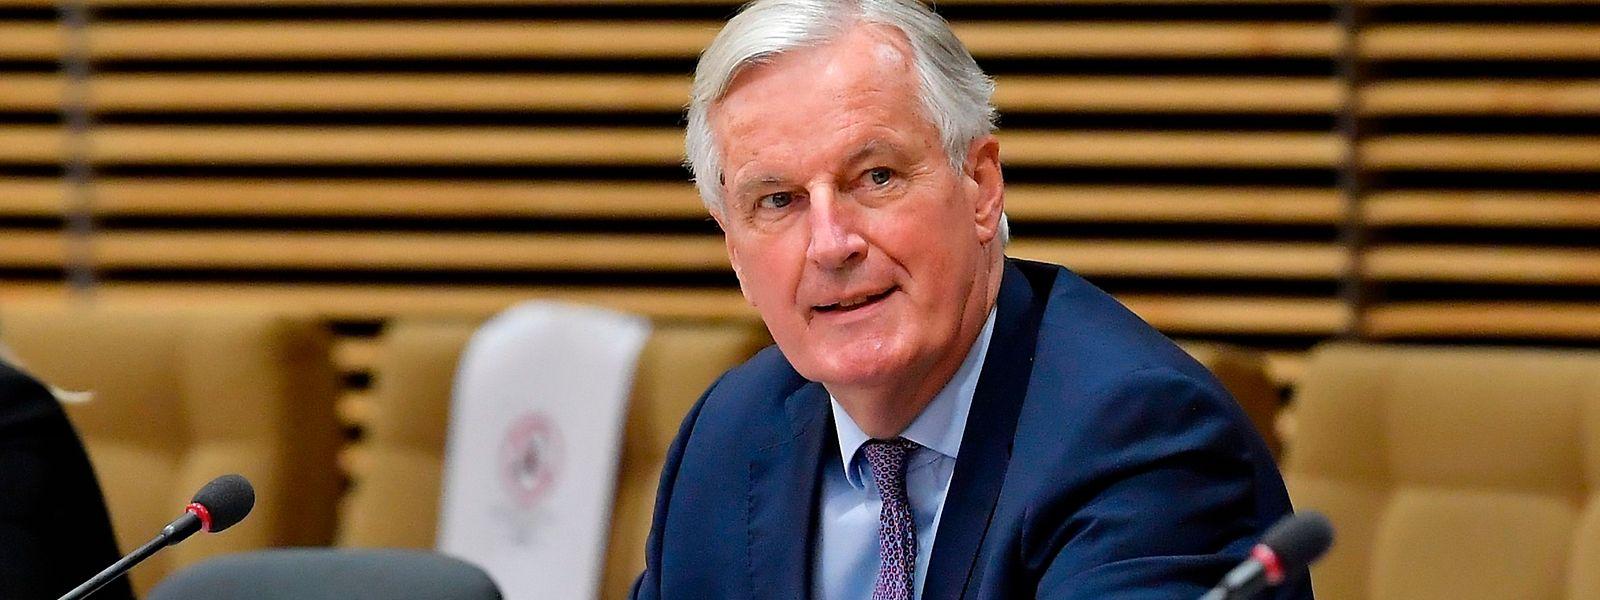 Michel Barnier, le négociateur européen, est à Londres ce lundi pour tenter d'aplanir de «sérieuses divergences».